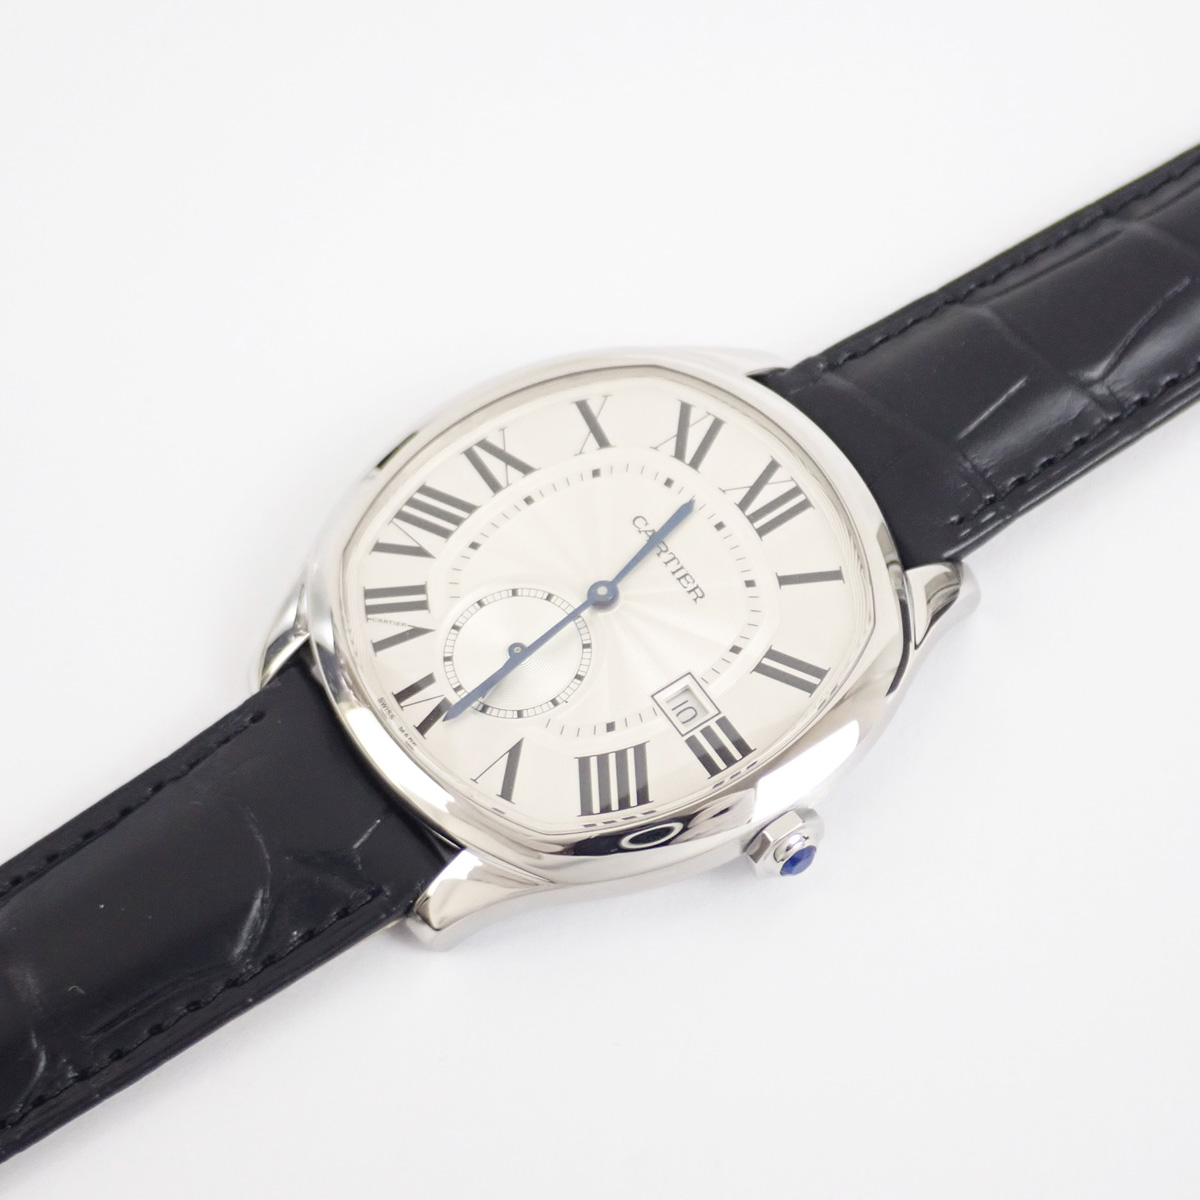 【辛口評価】【SAランク】Cartier カルティエ SS ドライブ ドゥ カルティエ ウォッチ メンズ 腕時計 WSNM0004 シルバー文字盤 ブラックレザー